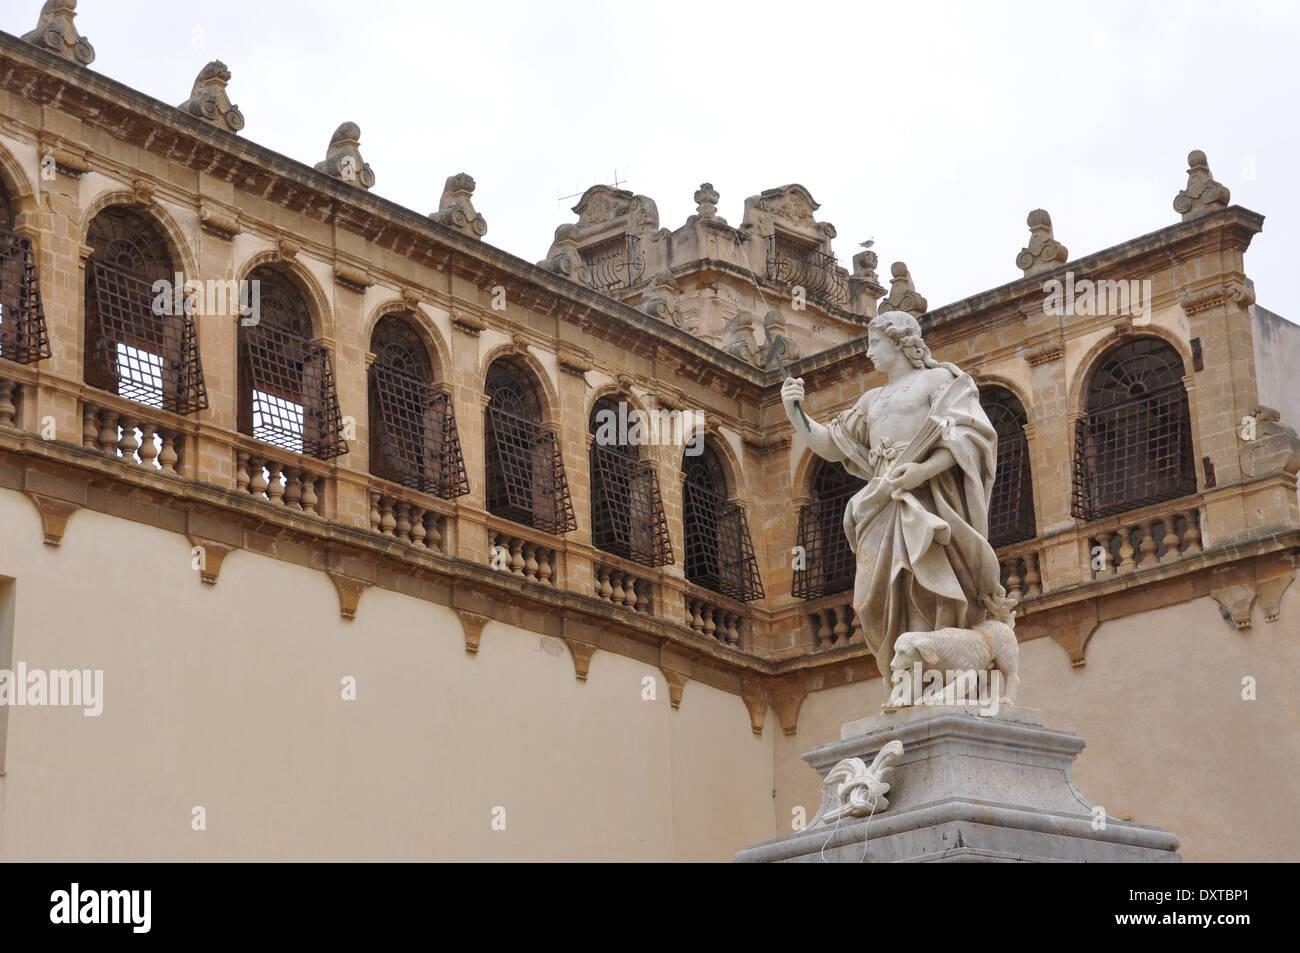 Statue in Via Del Republica,  Mazara del Vallo, on the side of Cattedrale San Salvatore, Mazara del Vallo, Trapani, Sicily. - Stock Image